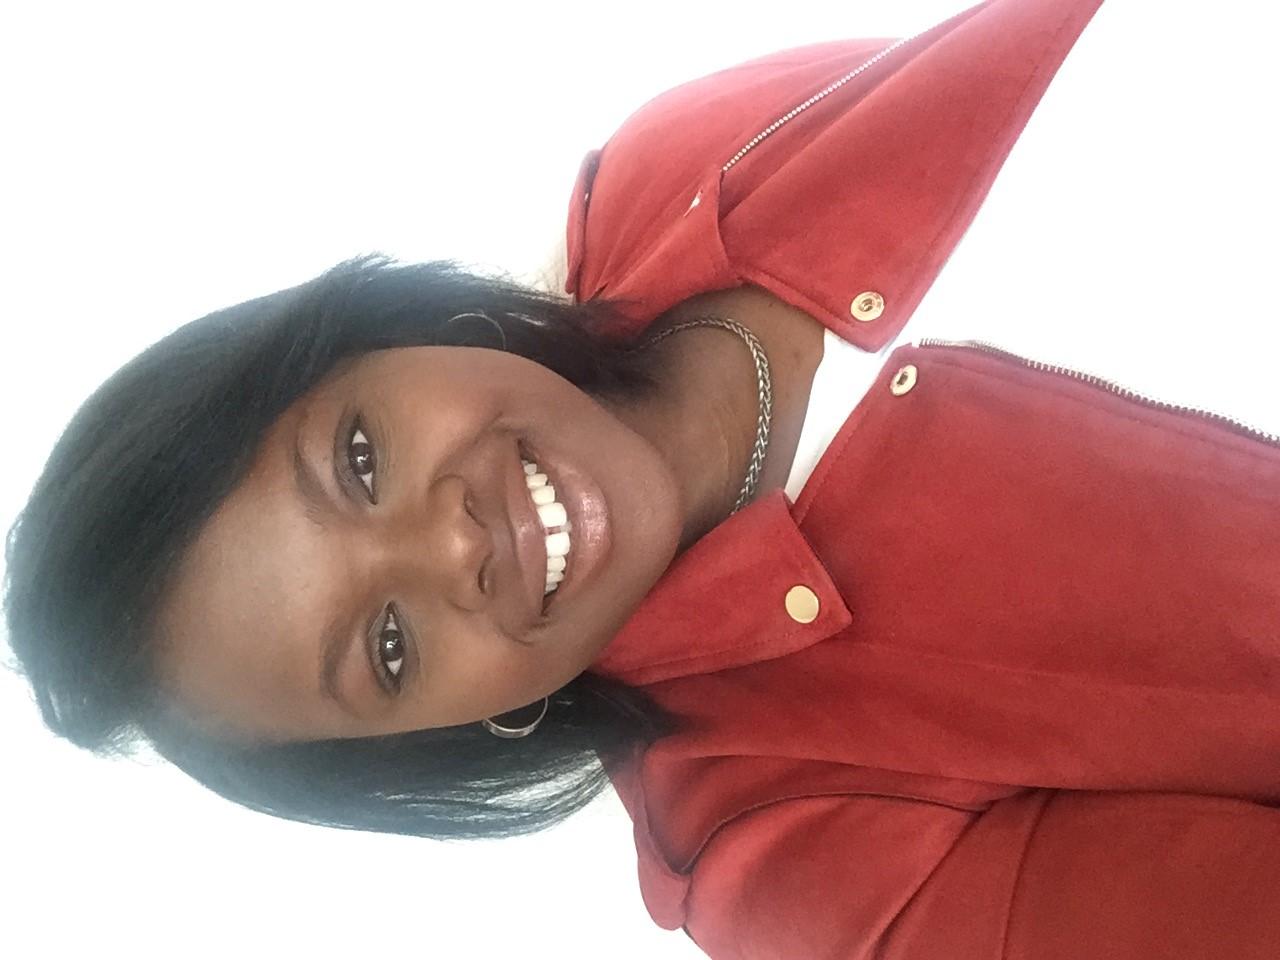 Ebony Onwubolu